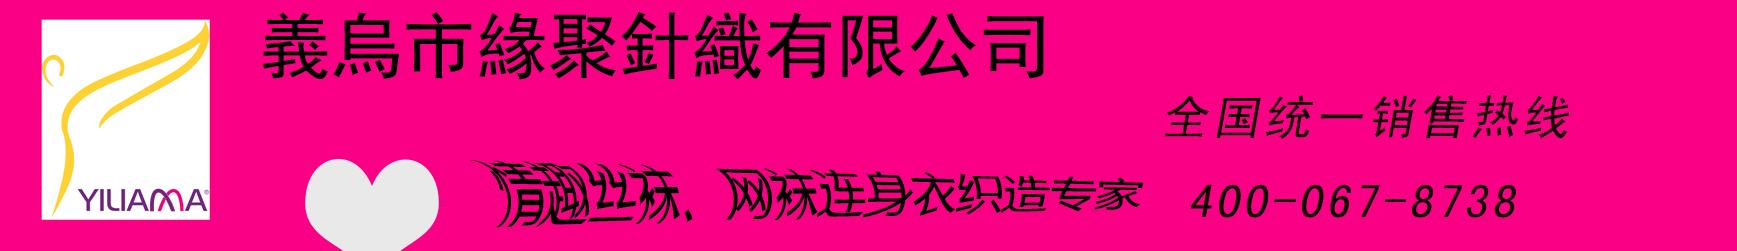 浙江缘聚针织有限公司